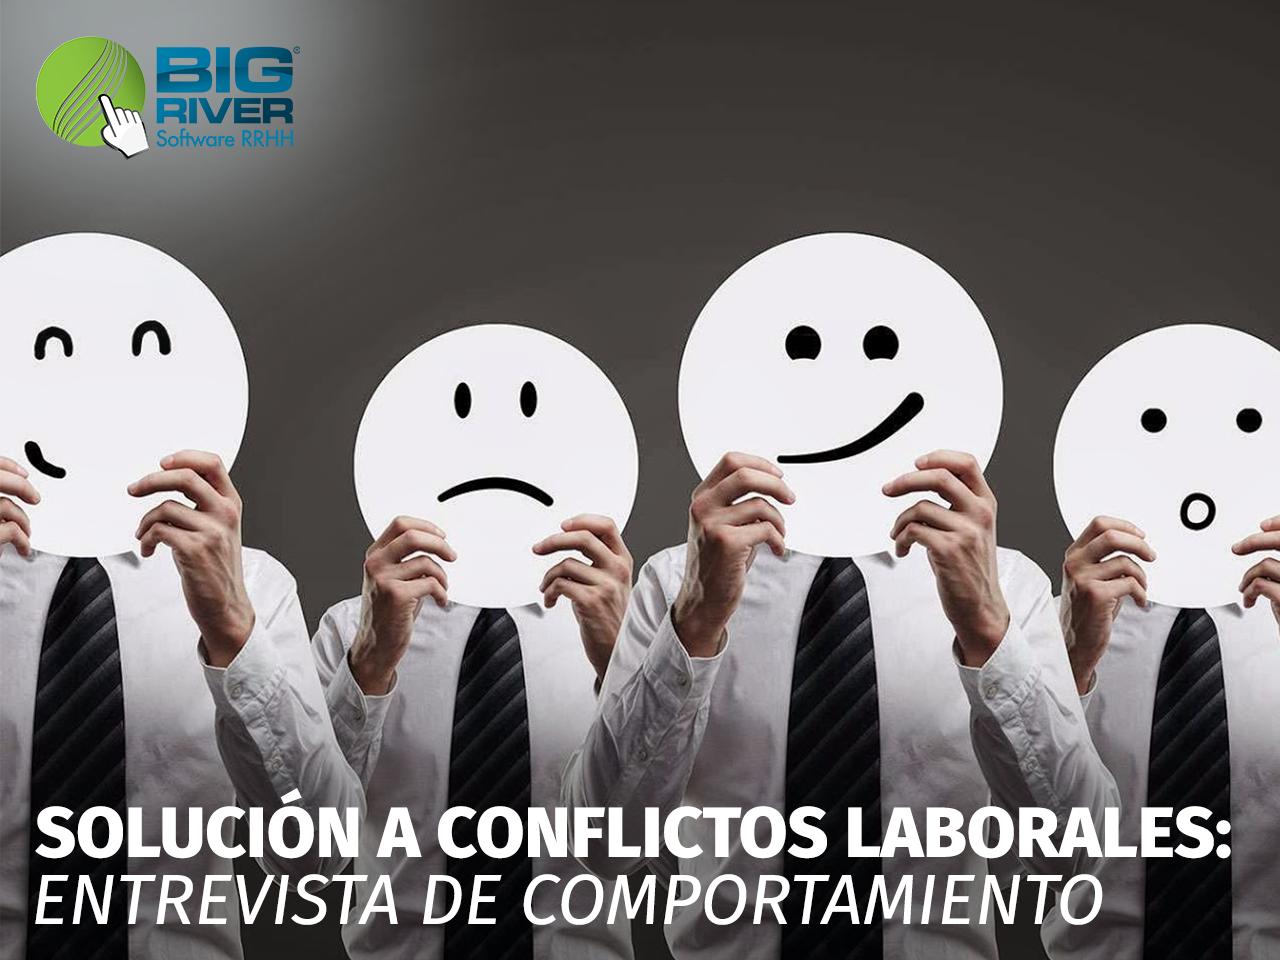 SOLUCIÓN A CONFLICTOS LABORALES: ENTREVISTA DE COMPORTAMIENTO